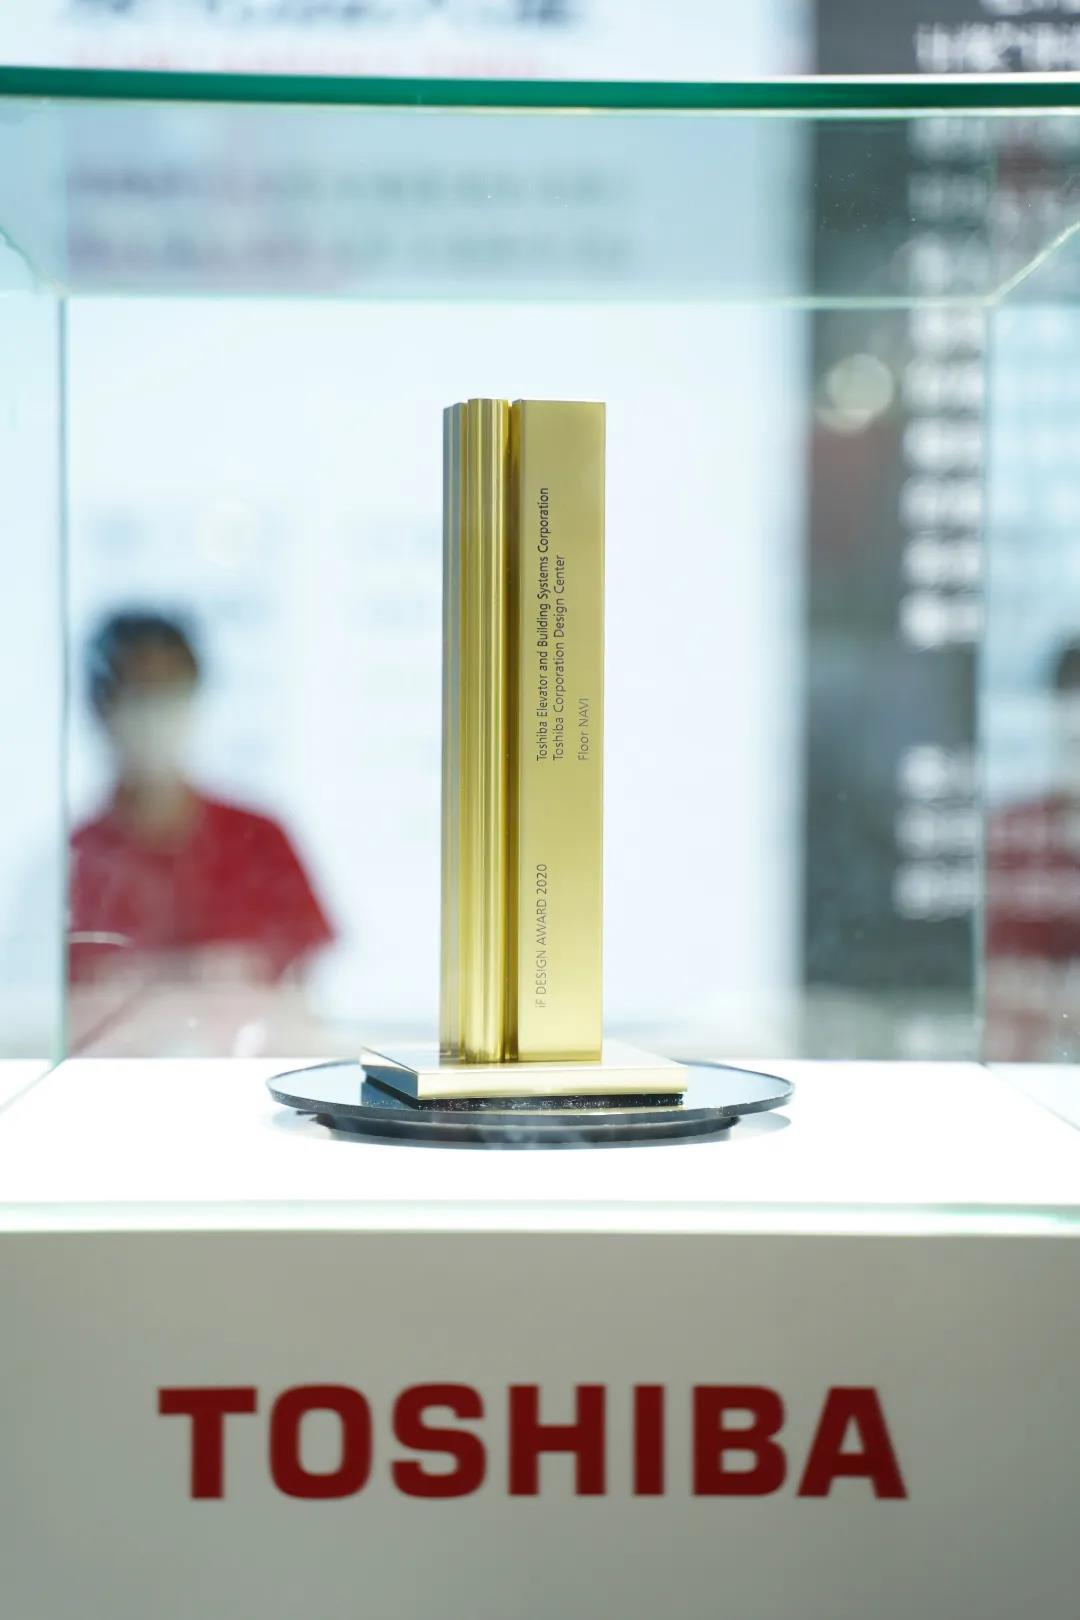 东芝电梯构建人与建筑的未来, WEE2020精彩呈现